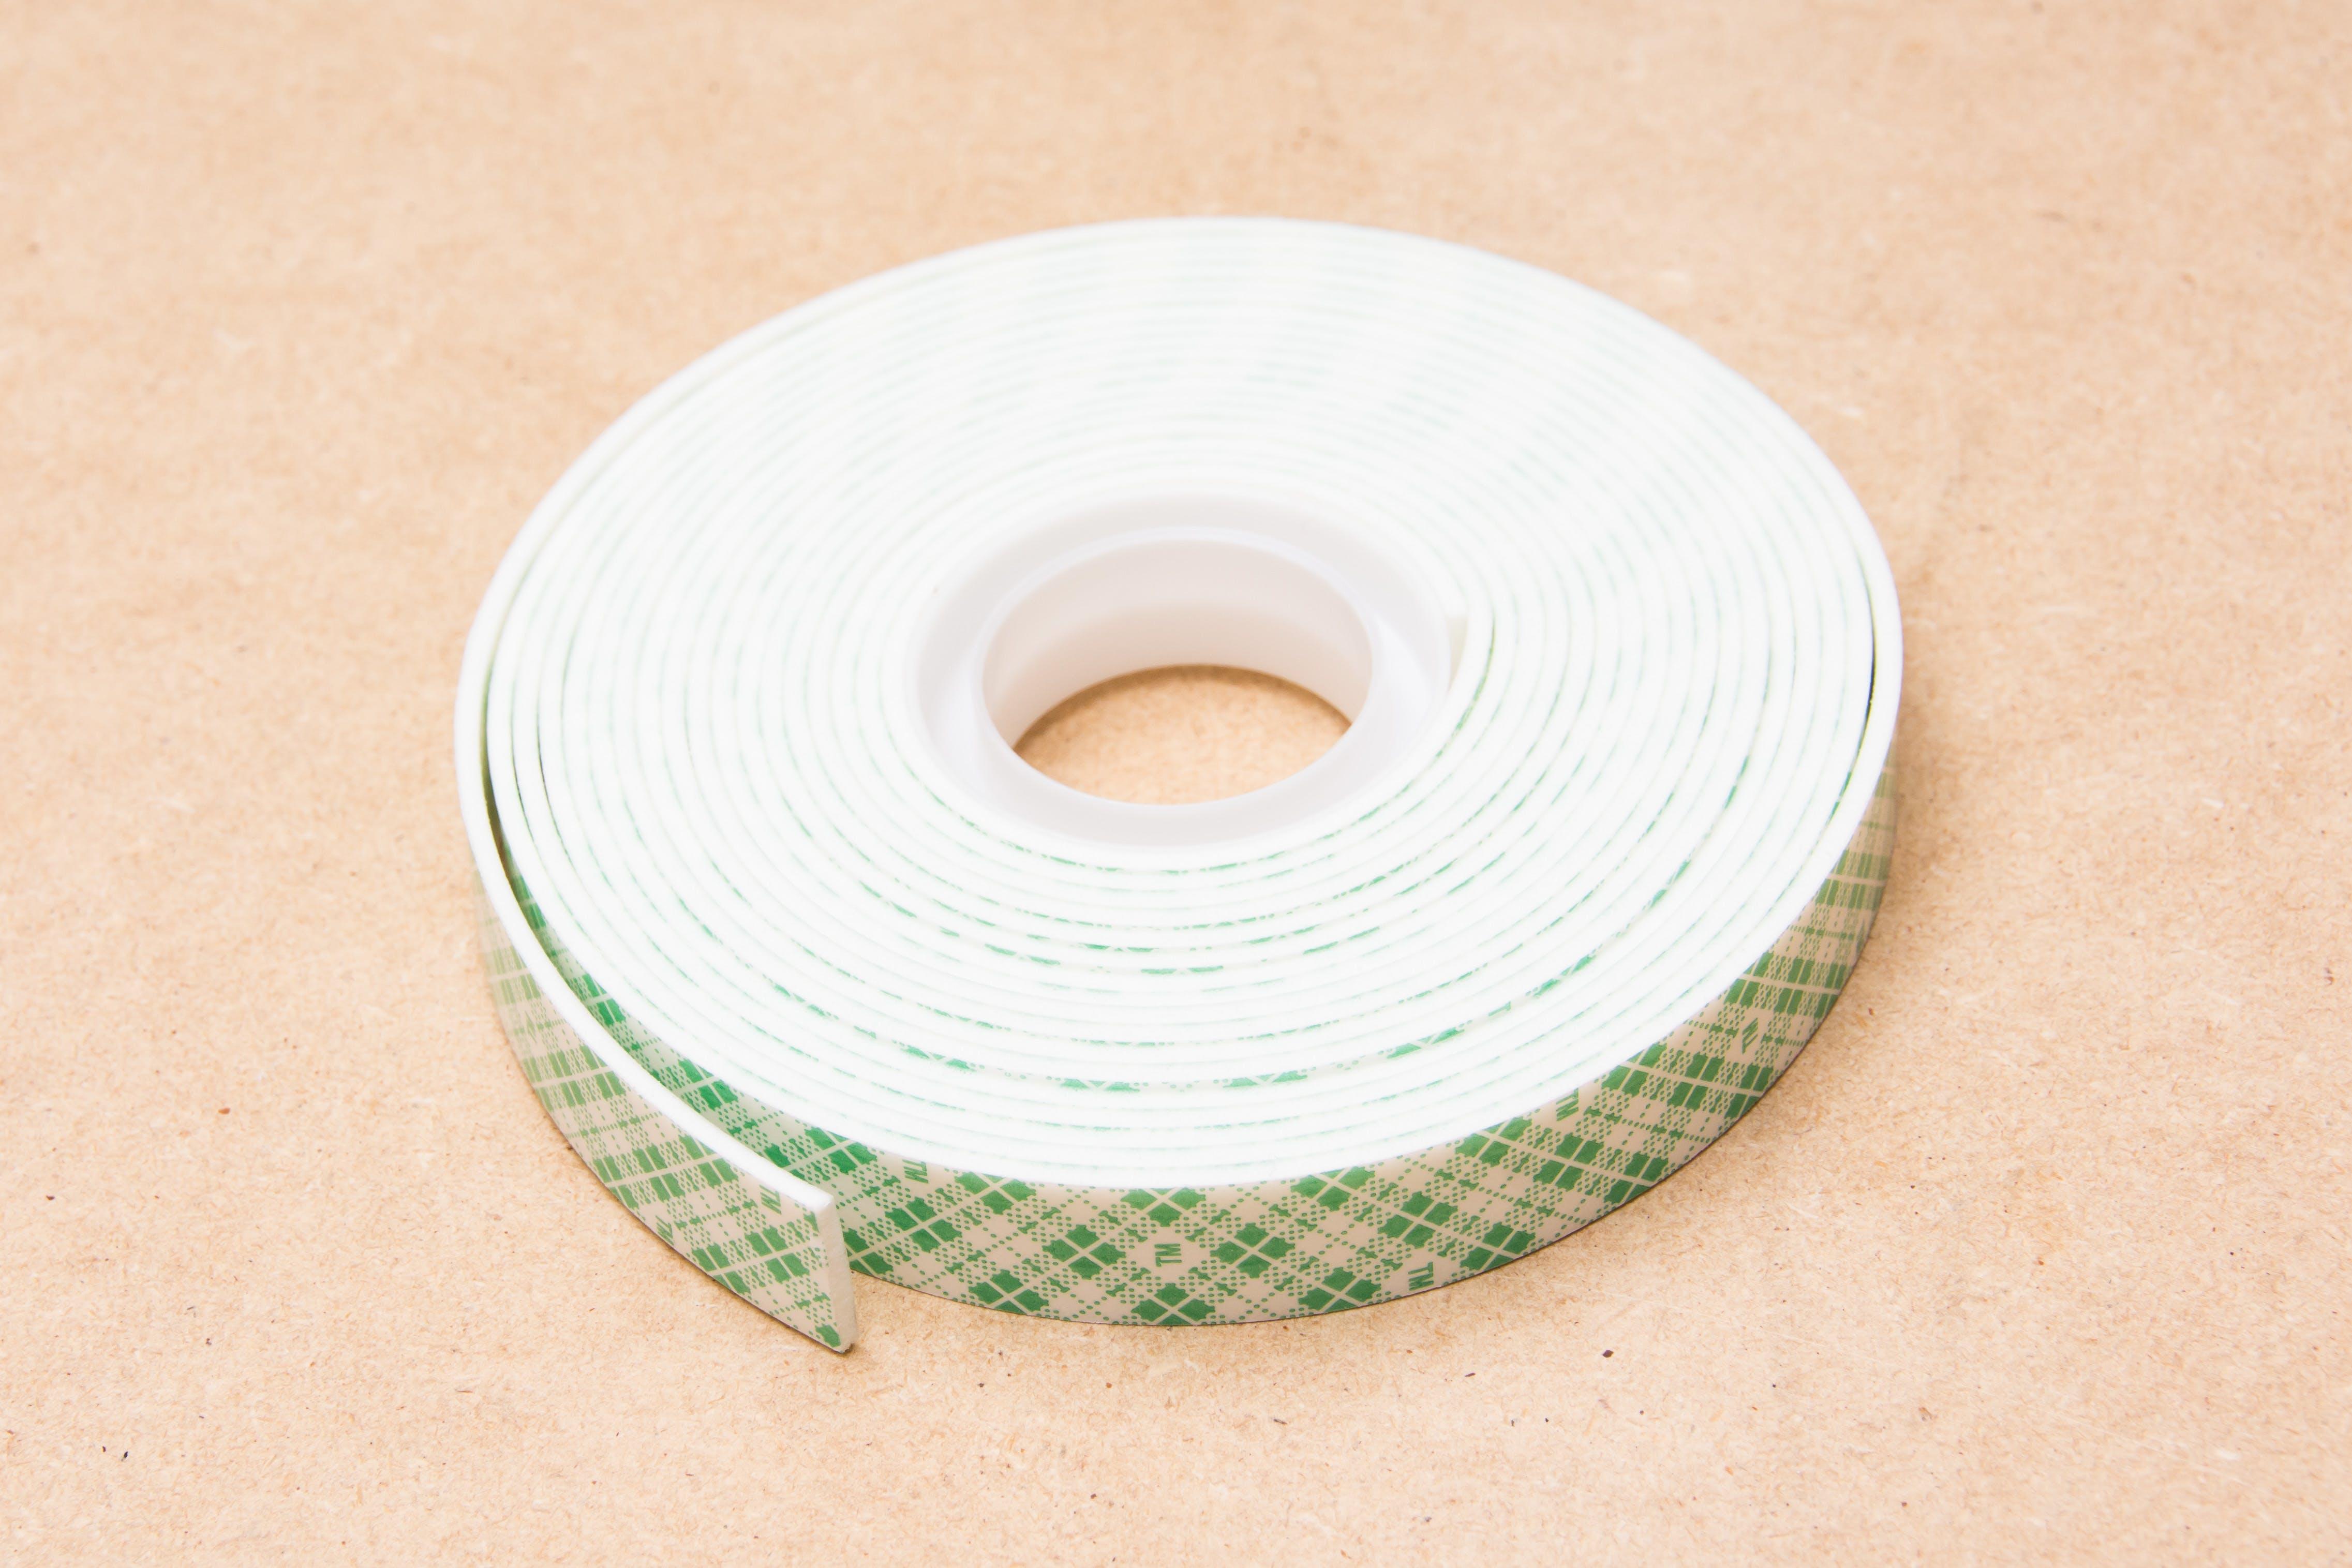 Foam double-sided tape works well.